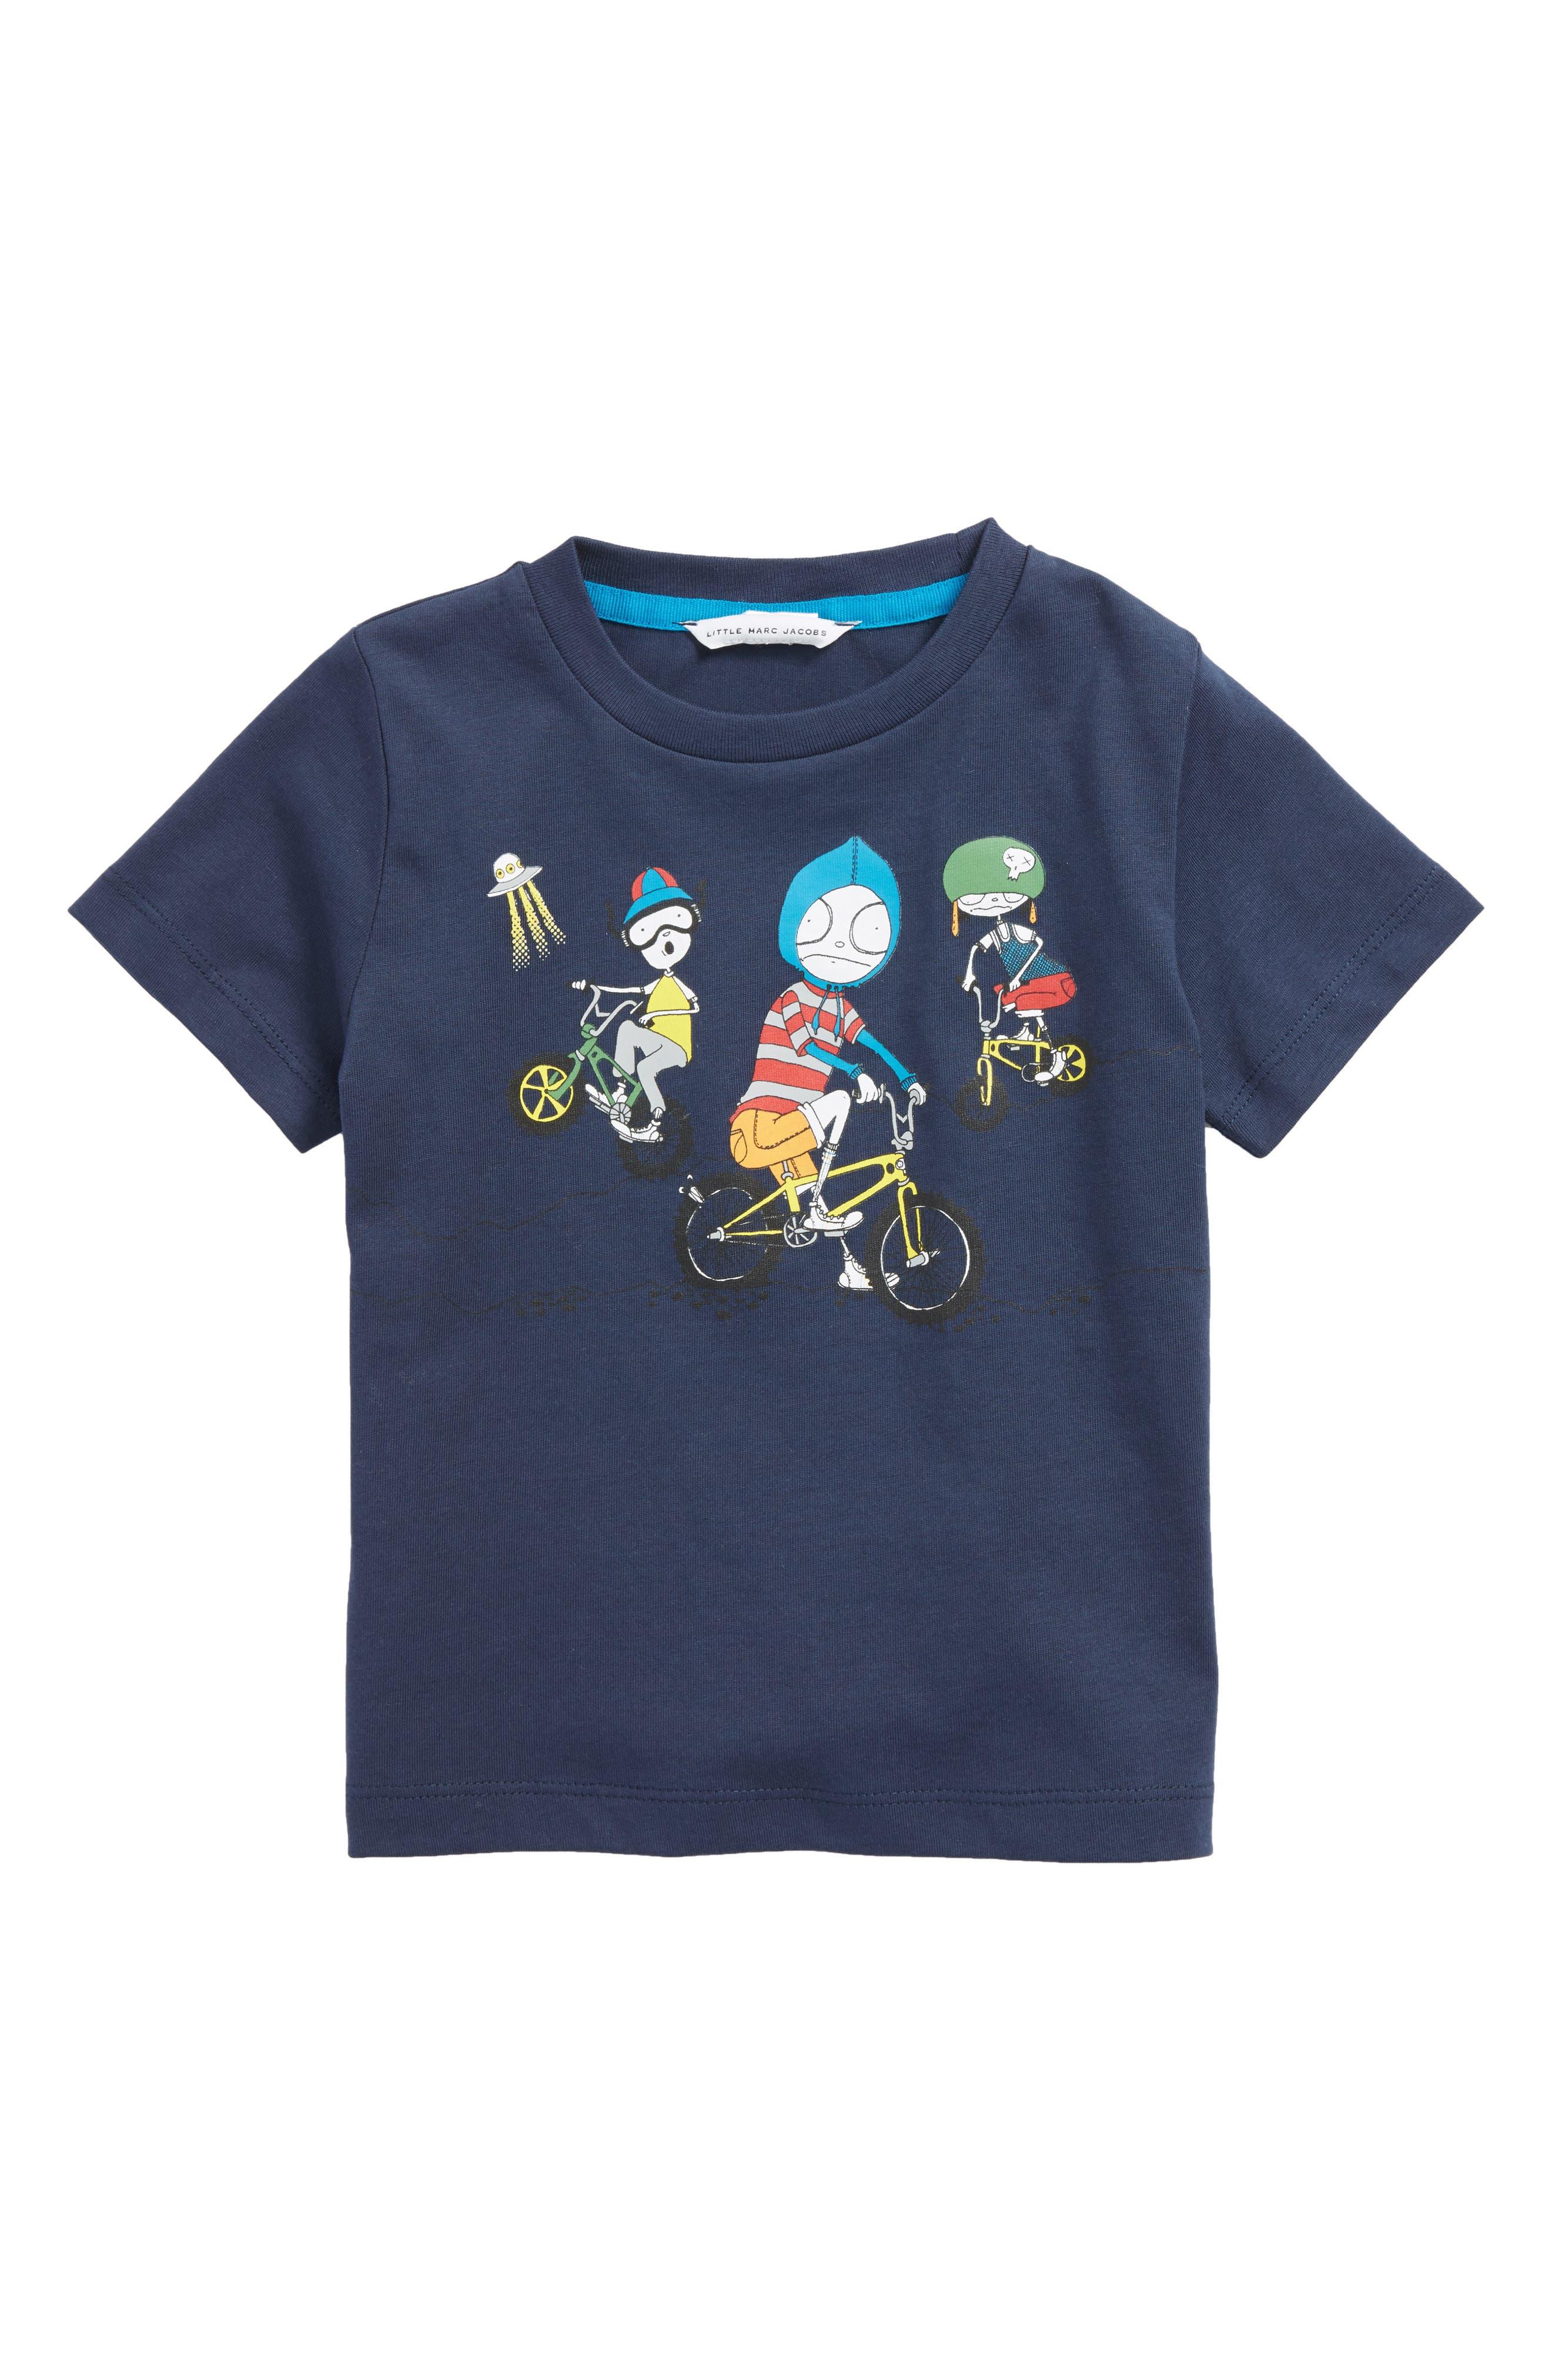 Mister Marc T-Shirt,                         Main,                         color, Nuit